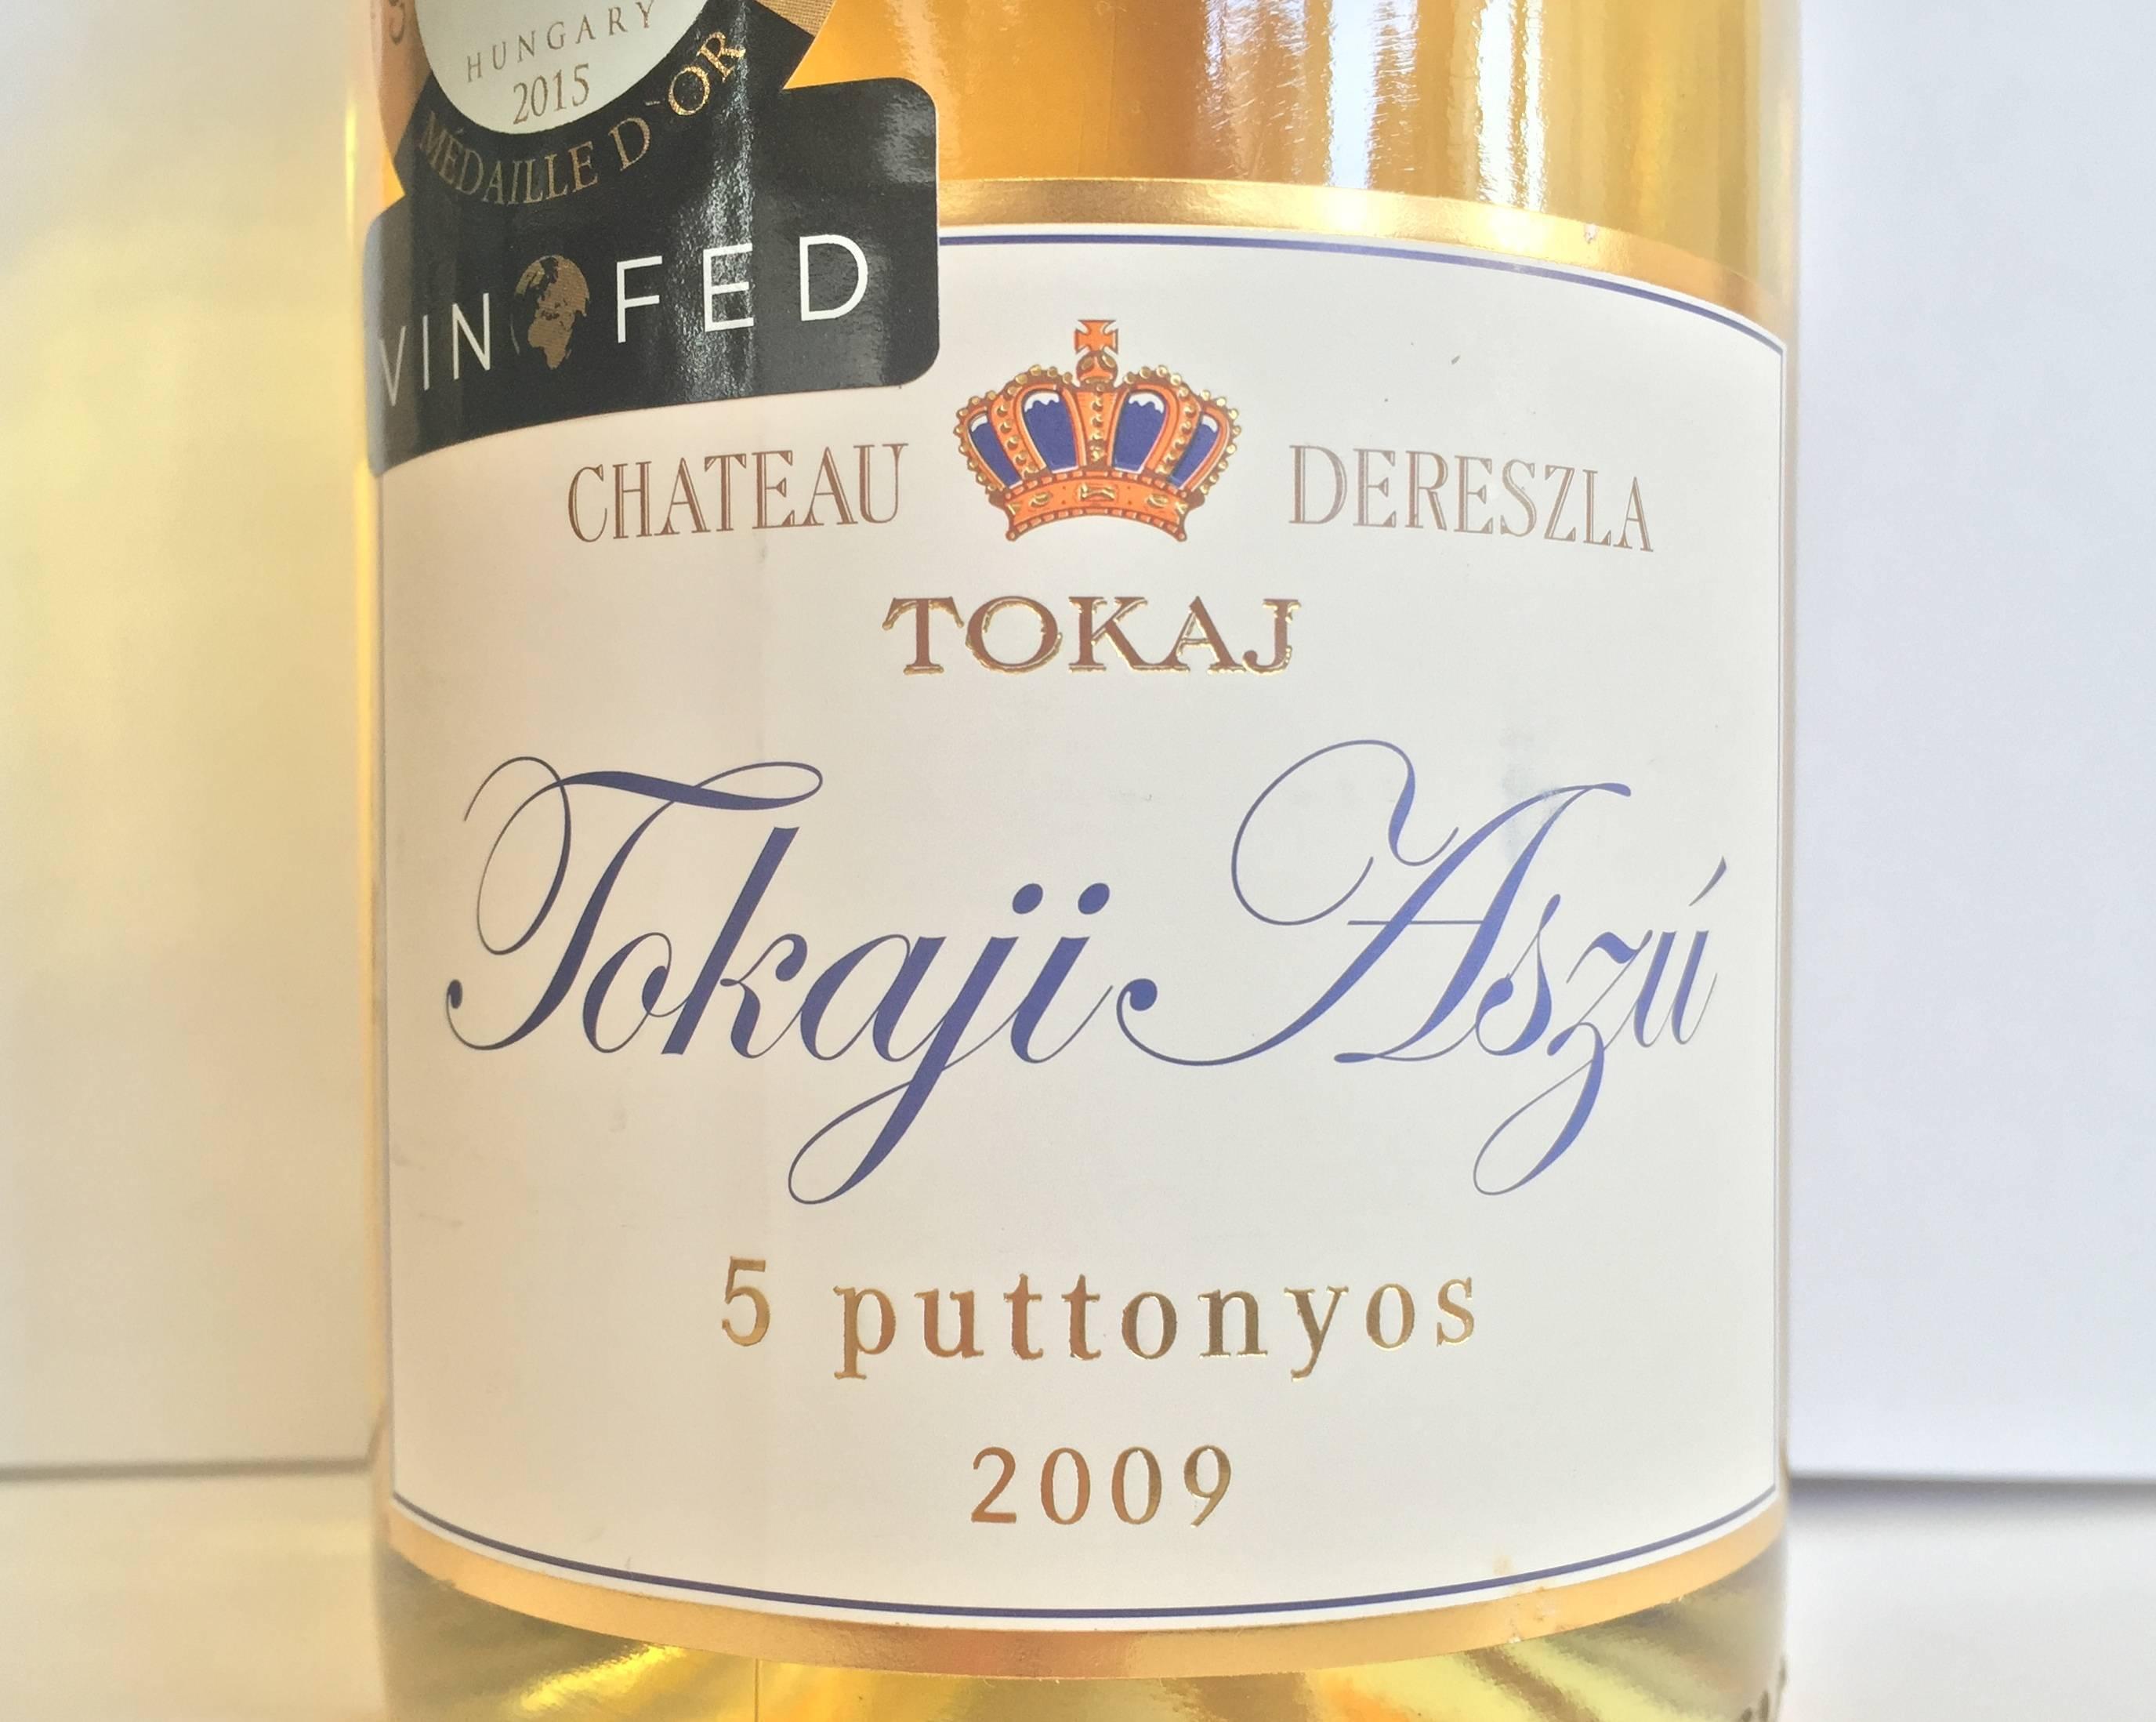 Венгерское вино: мускат, белое, сладкое, сухое и другие сорта вин из венгрии, их названия, особенности